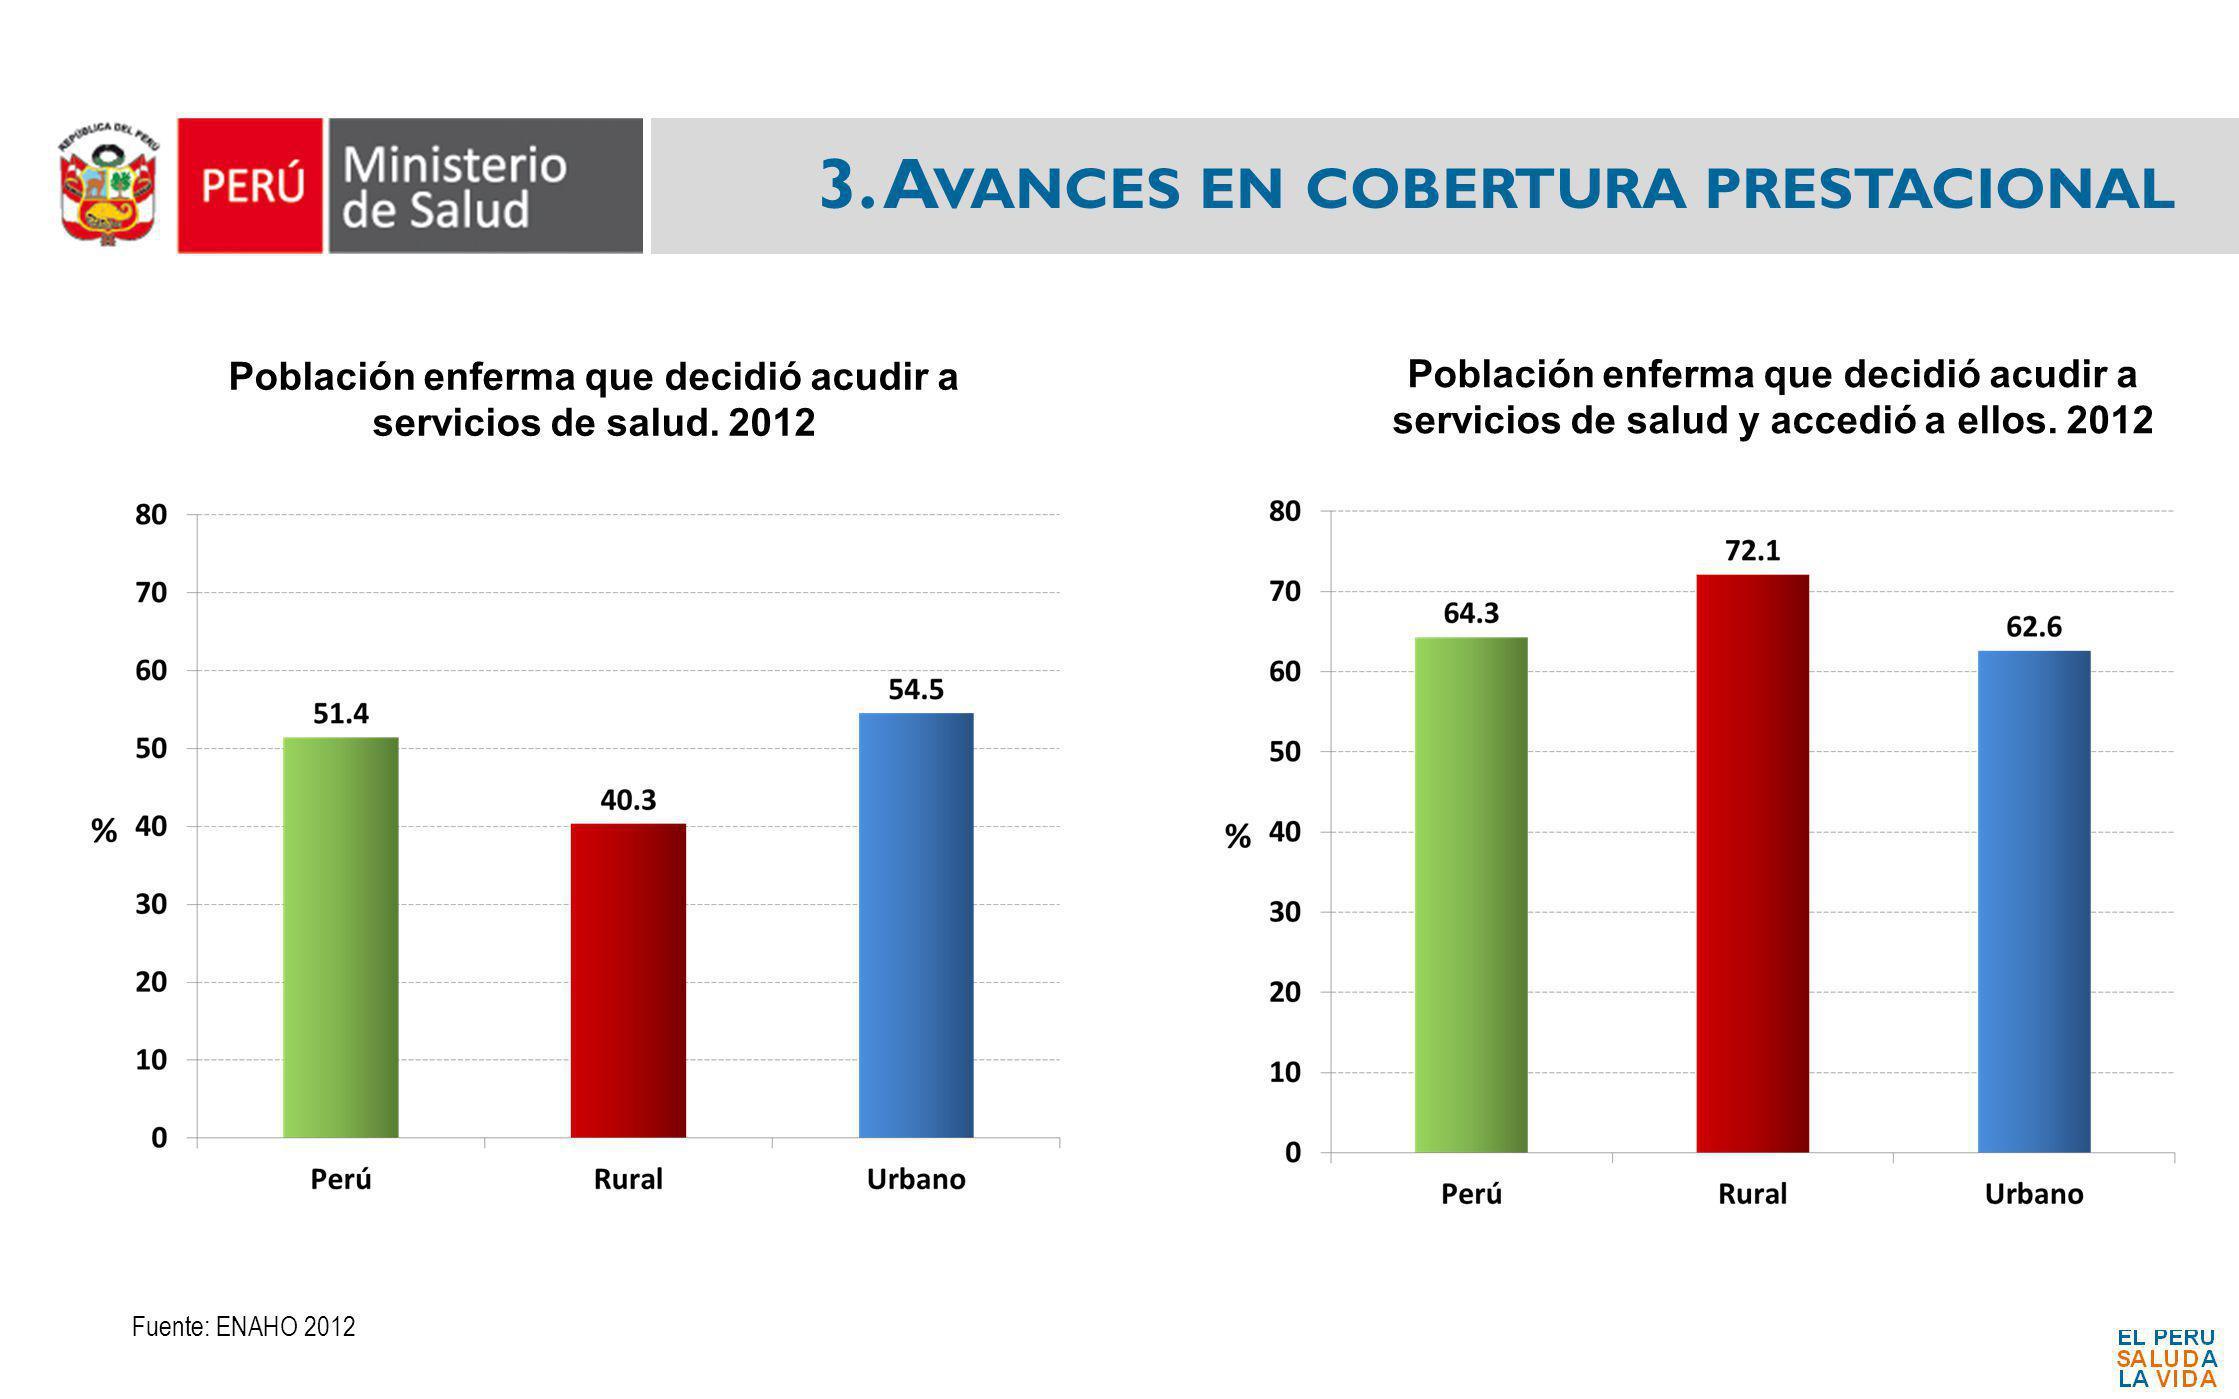 Población enferma que decidió acudir a servicios de salud. 2012